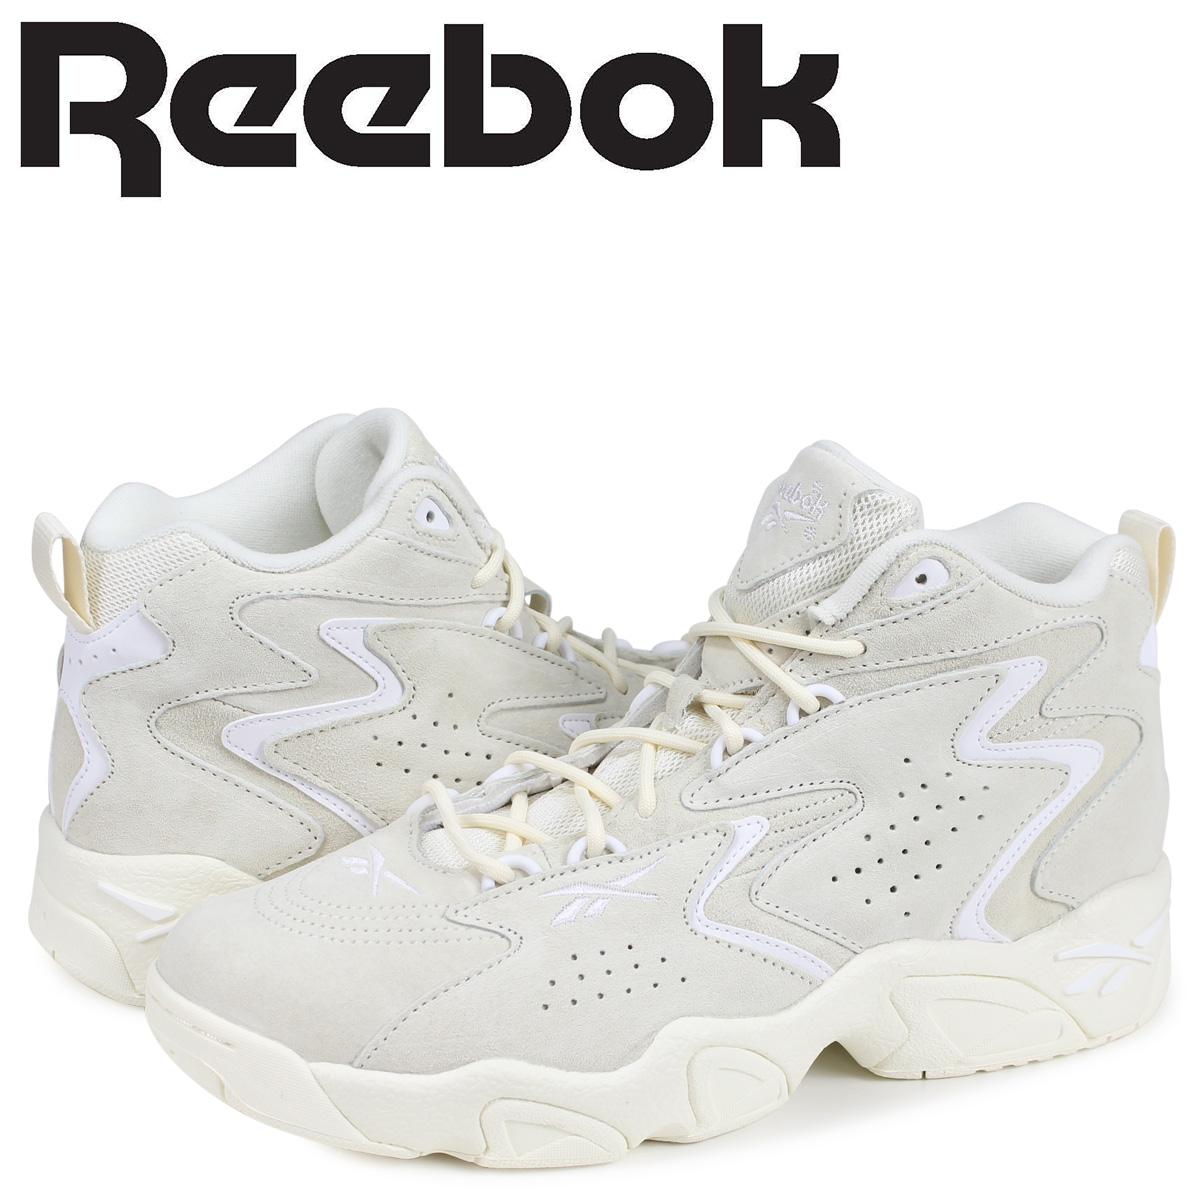 リーボック Reebok メビウス スニーカー メンズ MOBIUS OG POP オフ ホワイト CN7907